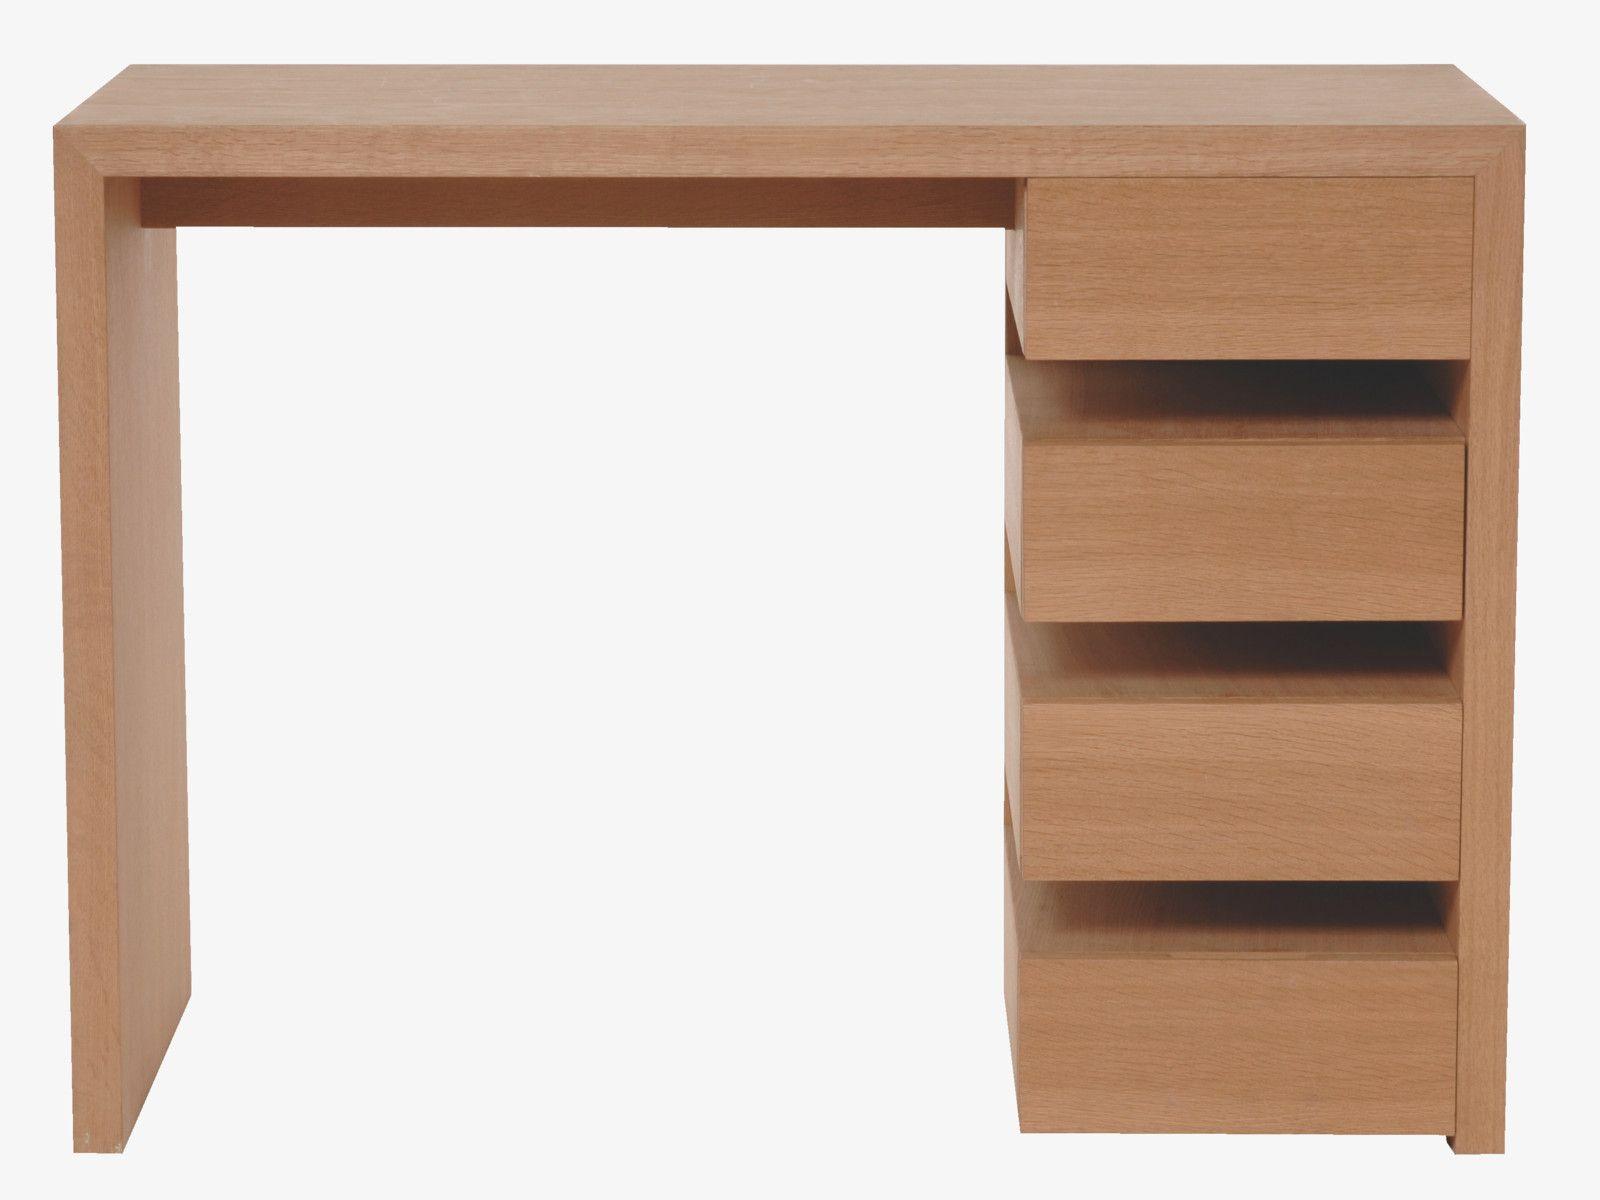 Tanna naturel bois bureau bureau habitat taille l h x